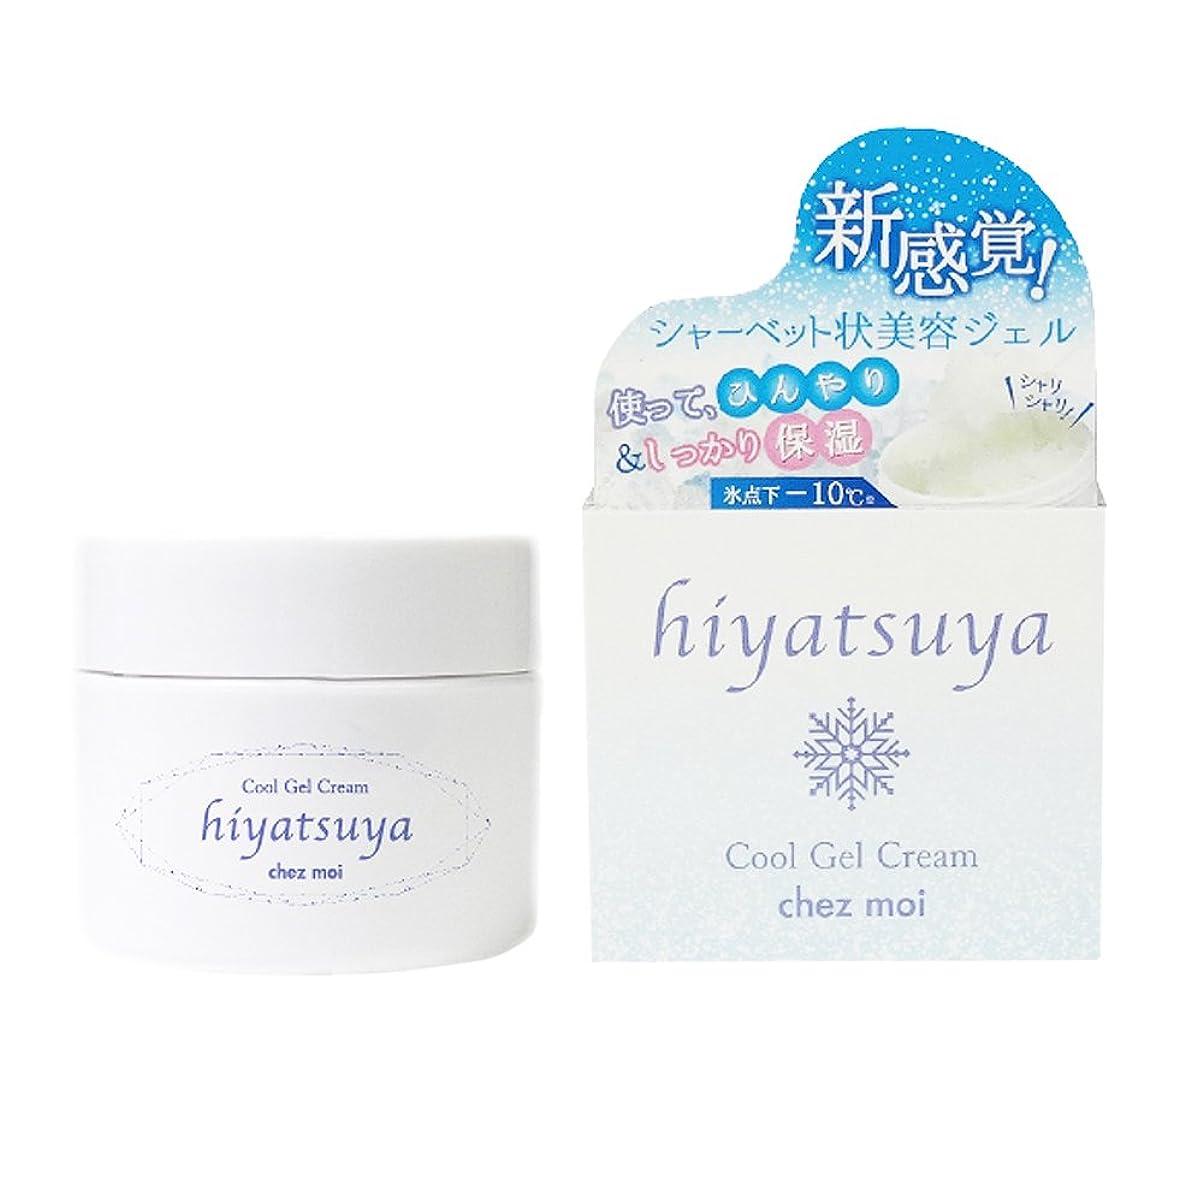 五月標高事故シェモア hiyatsuya(ヒヤツヤ) cool gel cream 70g